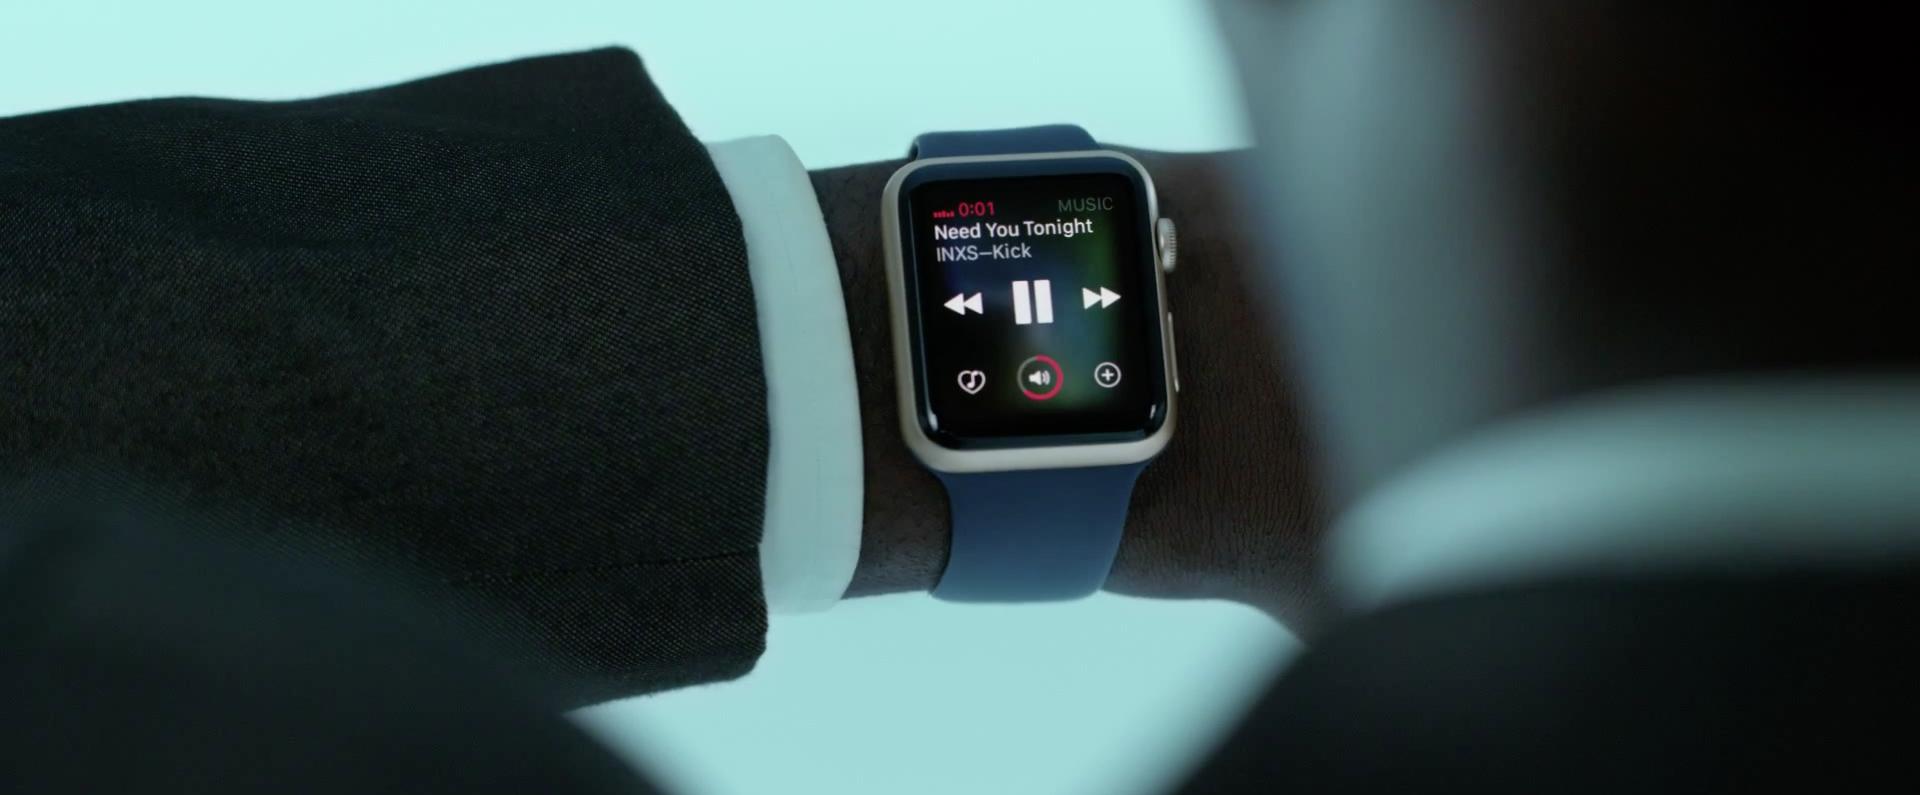 ¿Rumor de nuevo Apple Watch para junio? Si, y podría ser un 40% más delgado - http://www.actualidadiphone.com/apple-watch-sera-40-mas-delgado-se-presentara-junio/